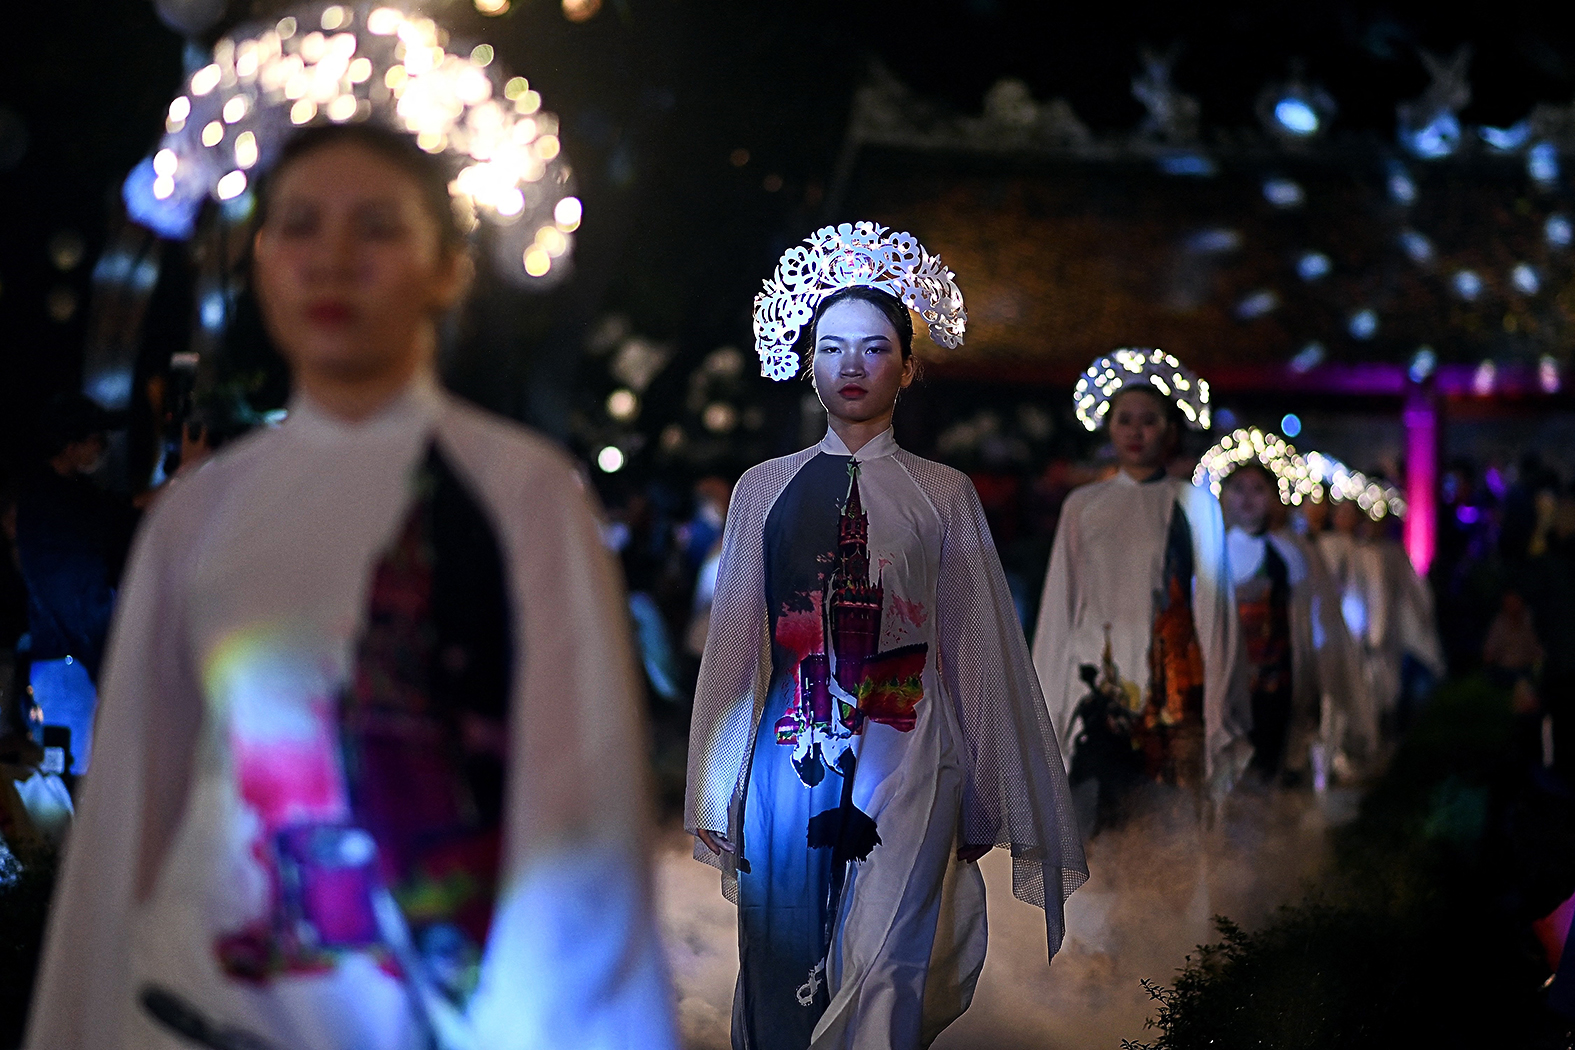 Oroszország ihlette hagyományos Ao Dai ruháit mutatta be Minh Han vietnami divattervező egy Hanoiban rendezett divatbemutatón 2021. április 9-én #moszkvater